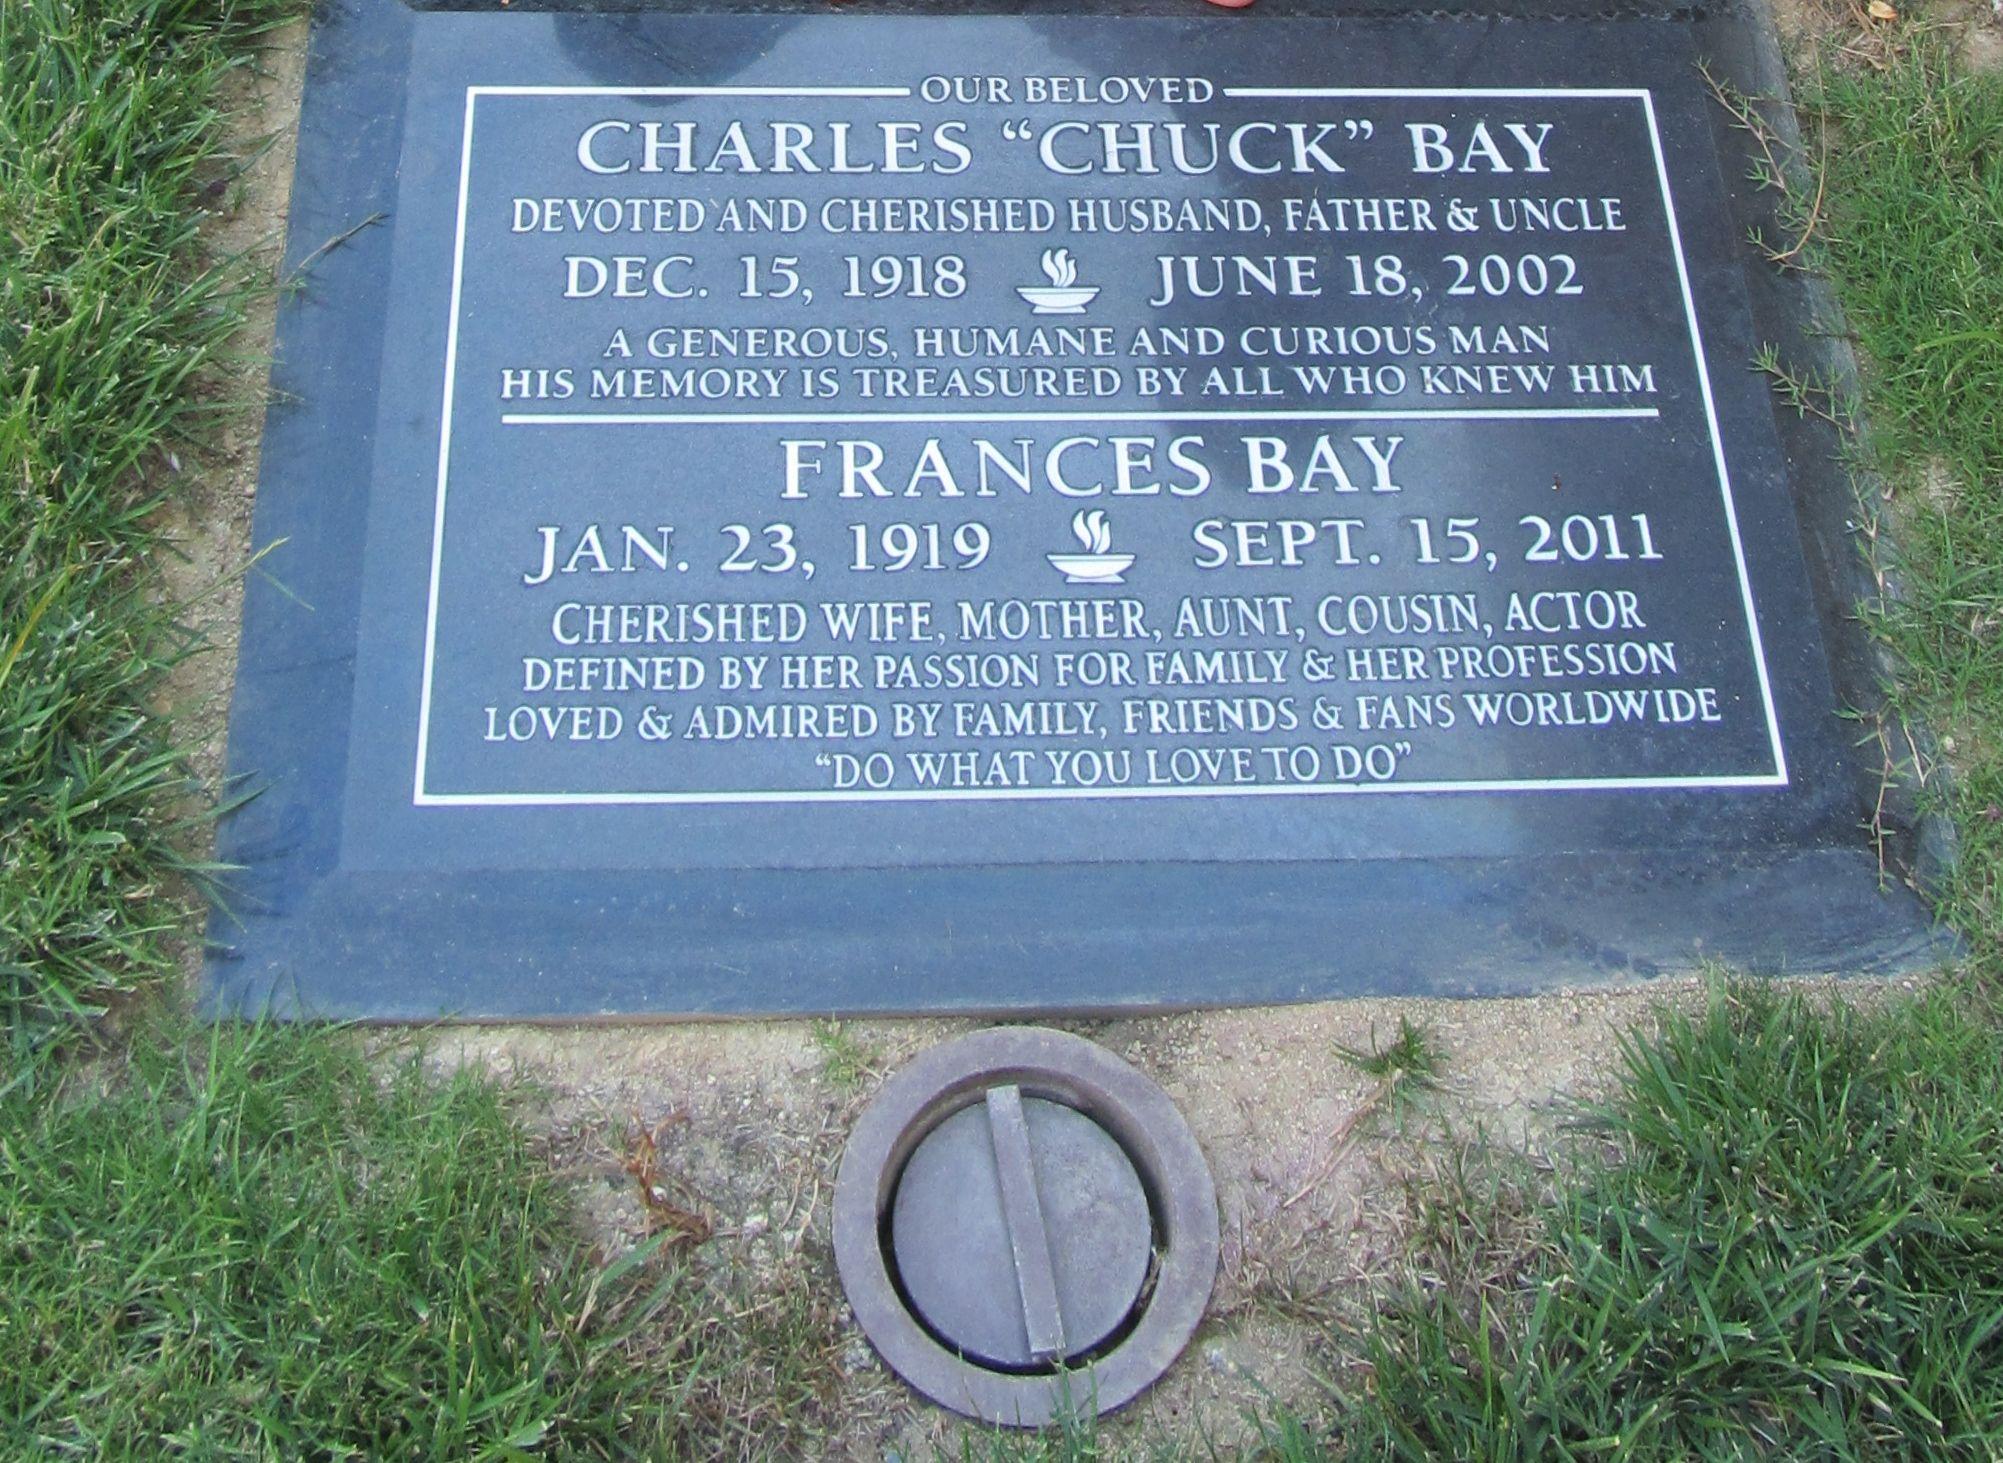 picture Frances Bay